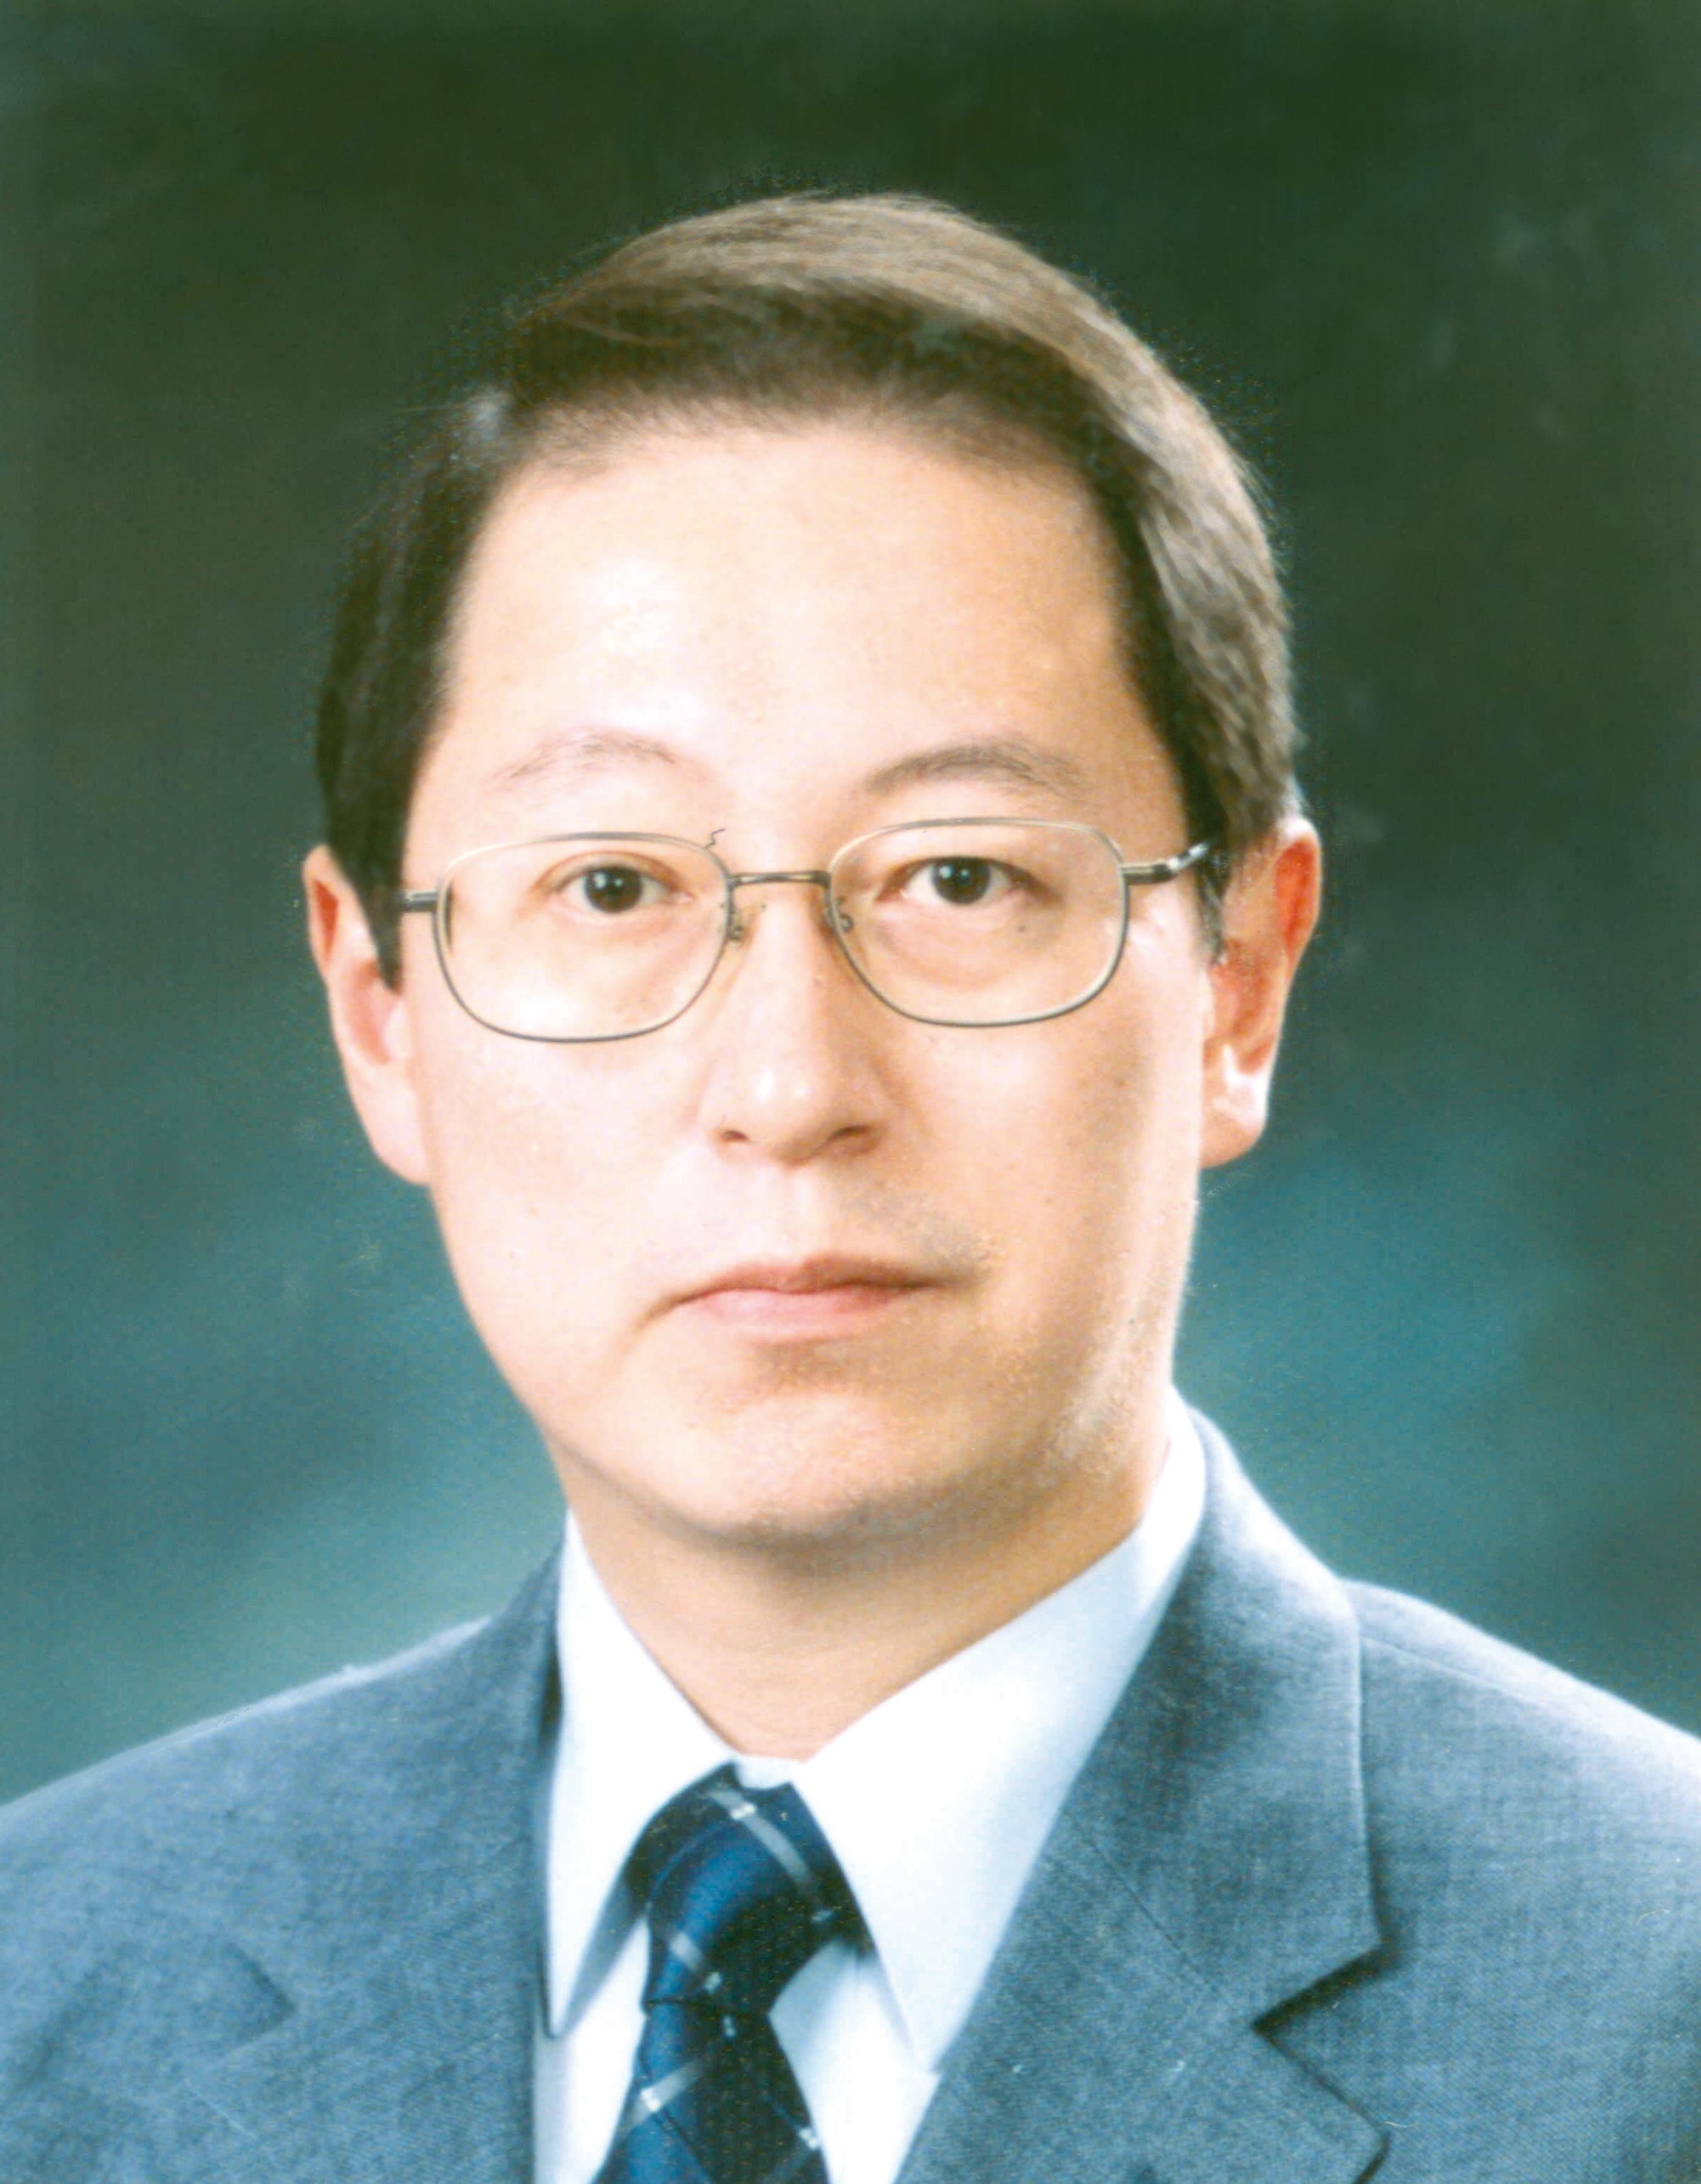 김기중 Kim, KiJoong사진